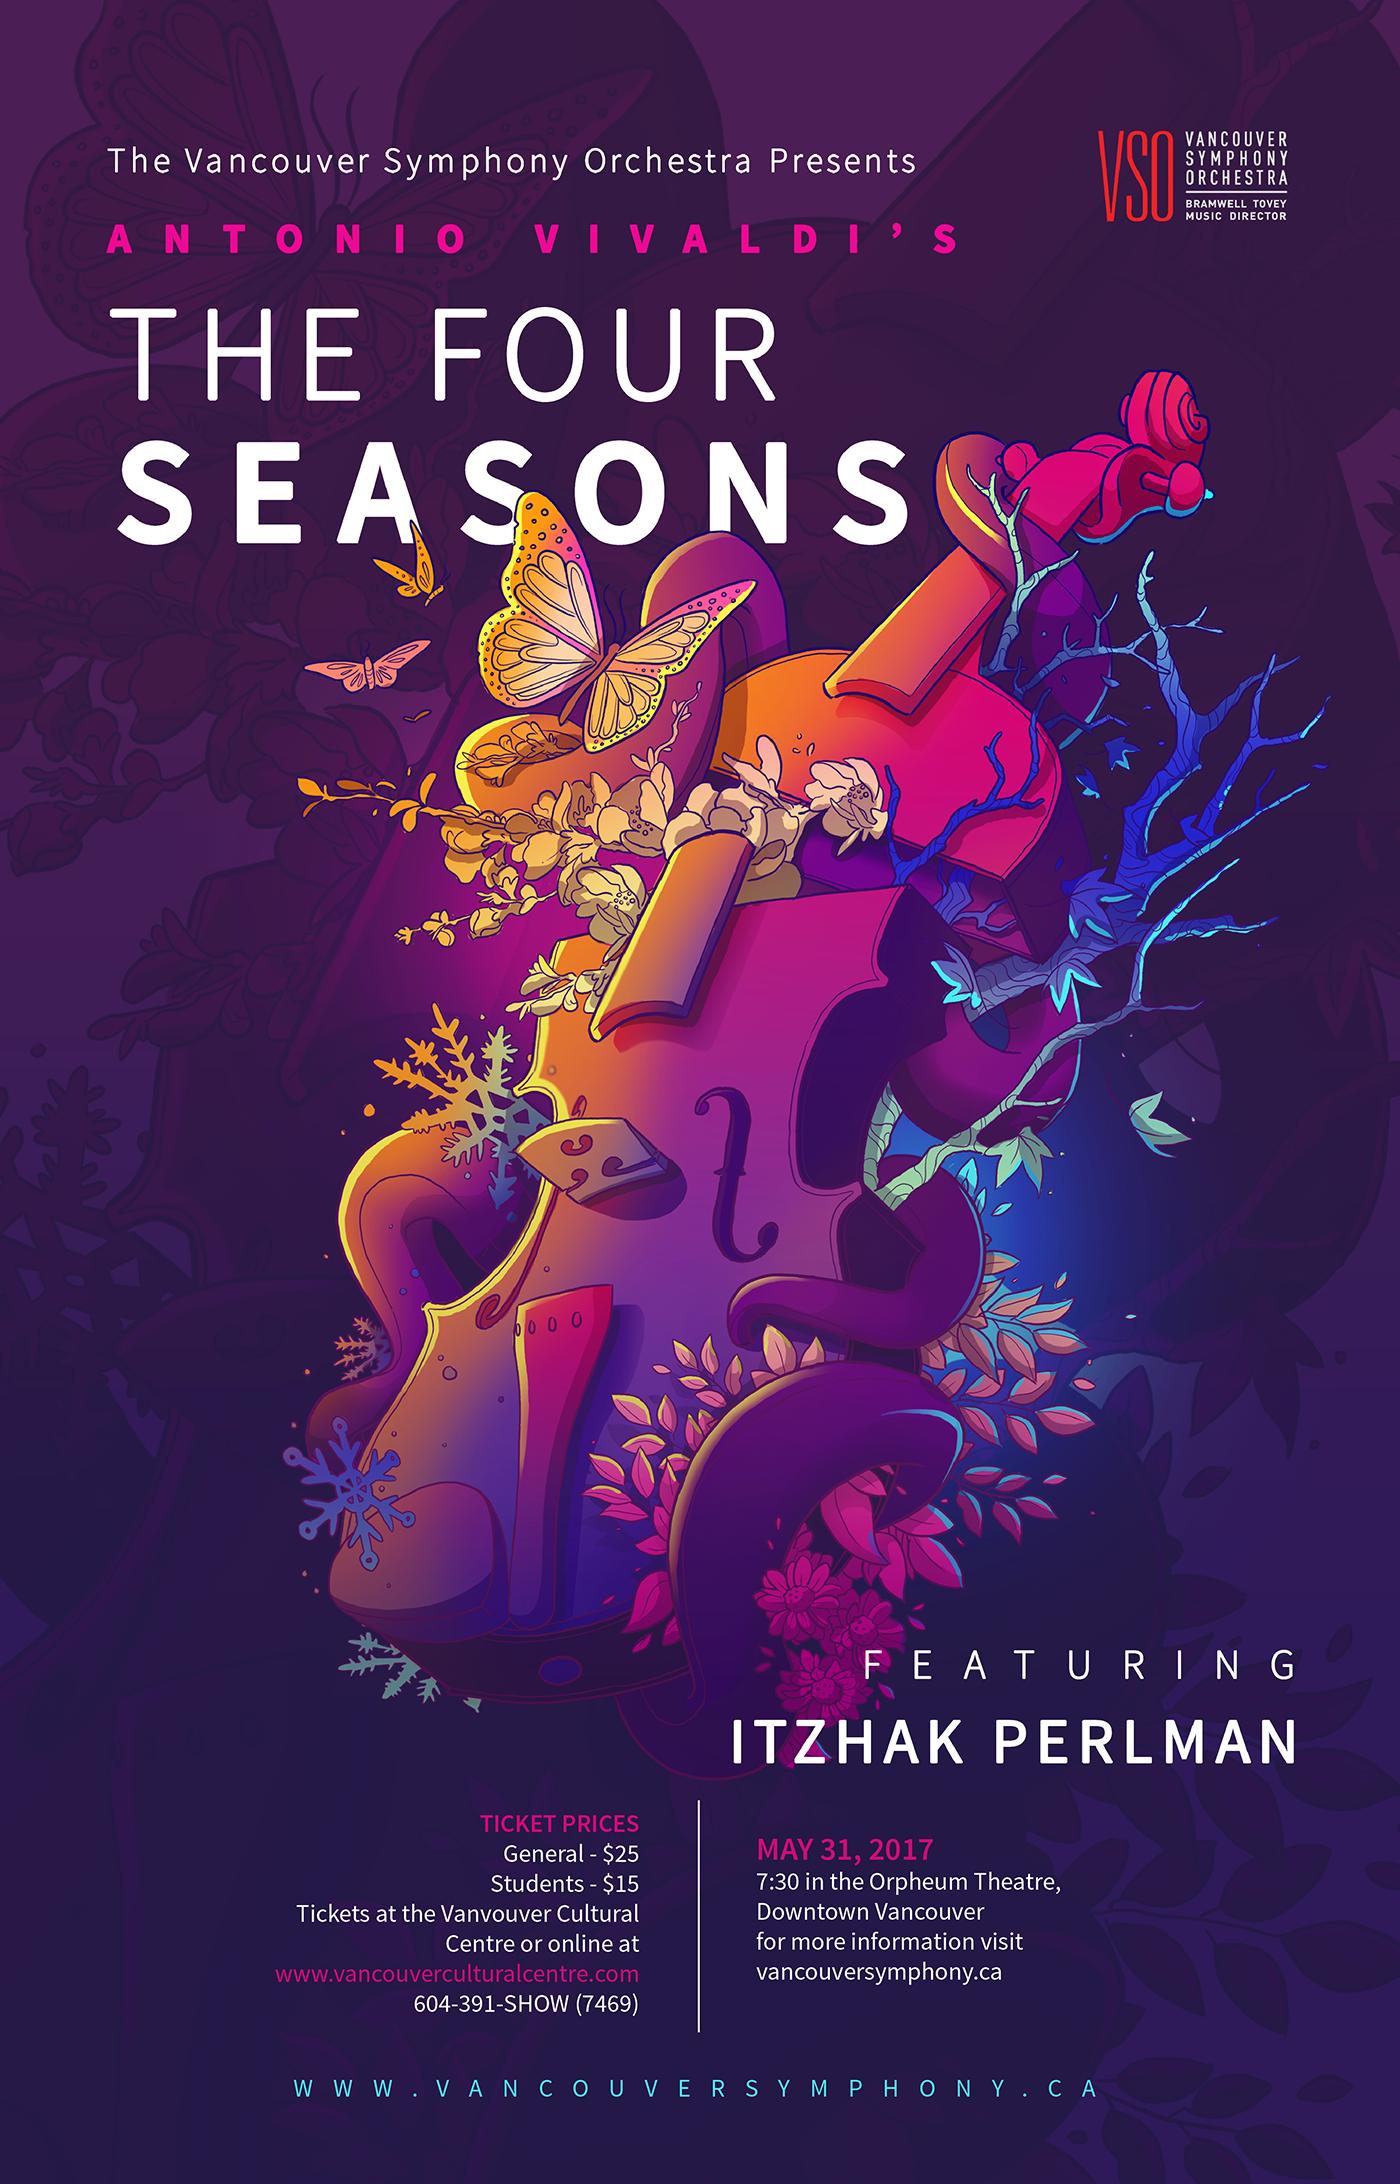 Vivaldi S The Four Seasons Concert Poster Illustration On Behance Concert Poster Design Music Poster Design Graphic Design Posters